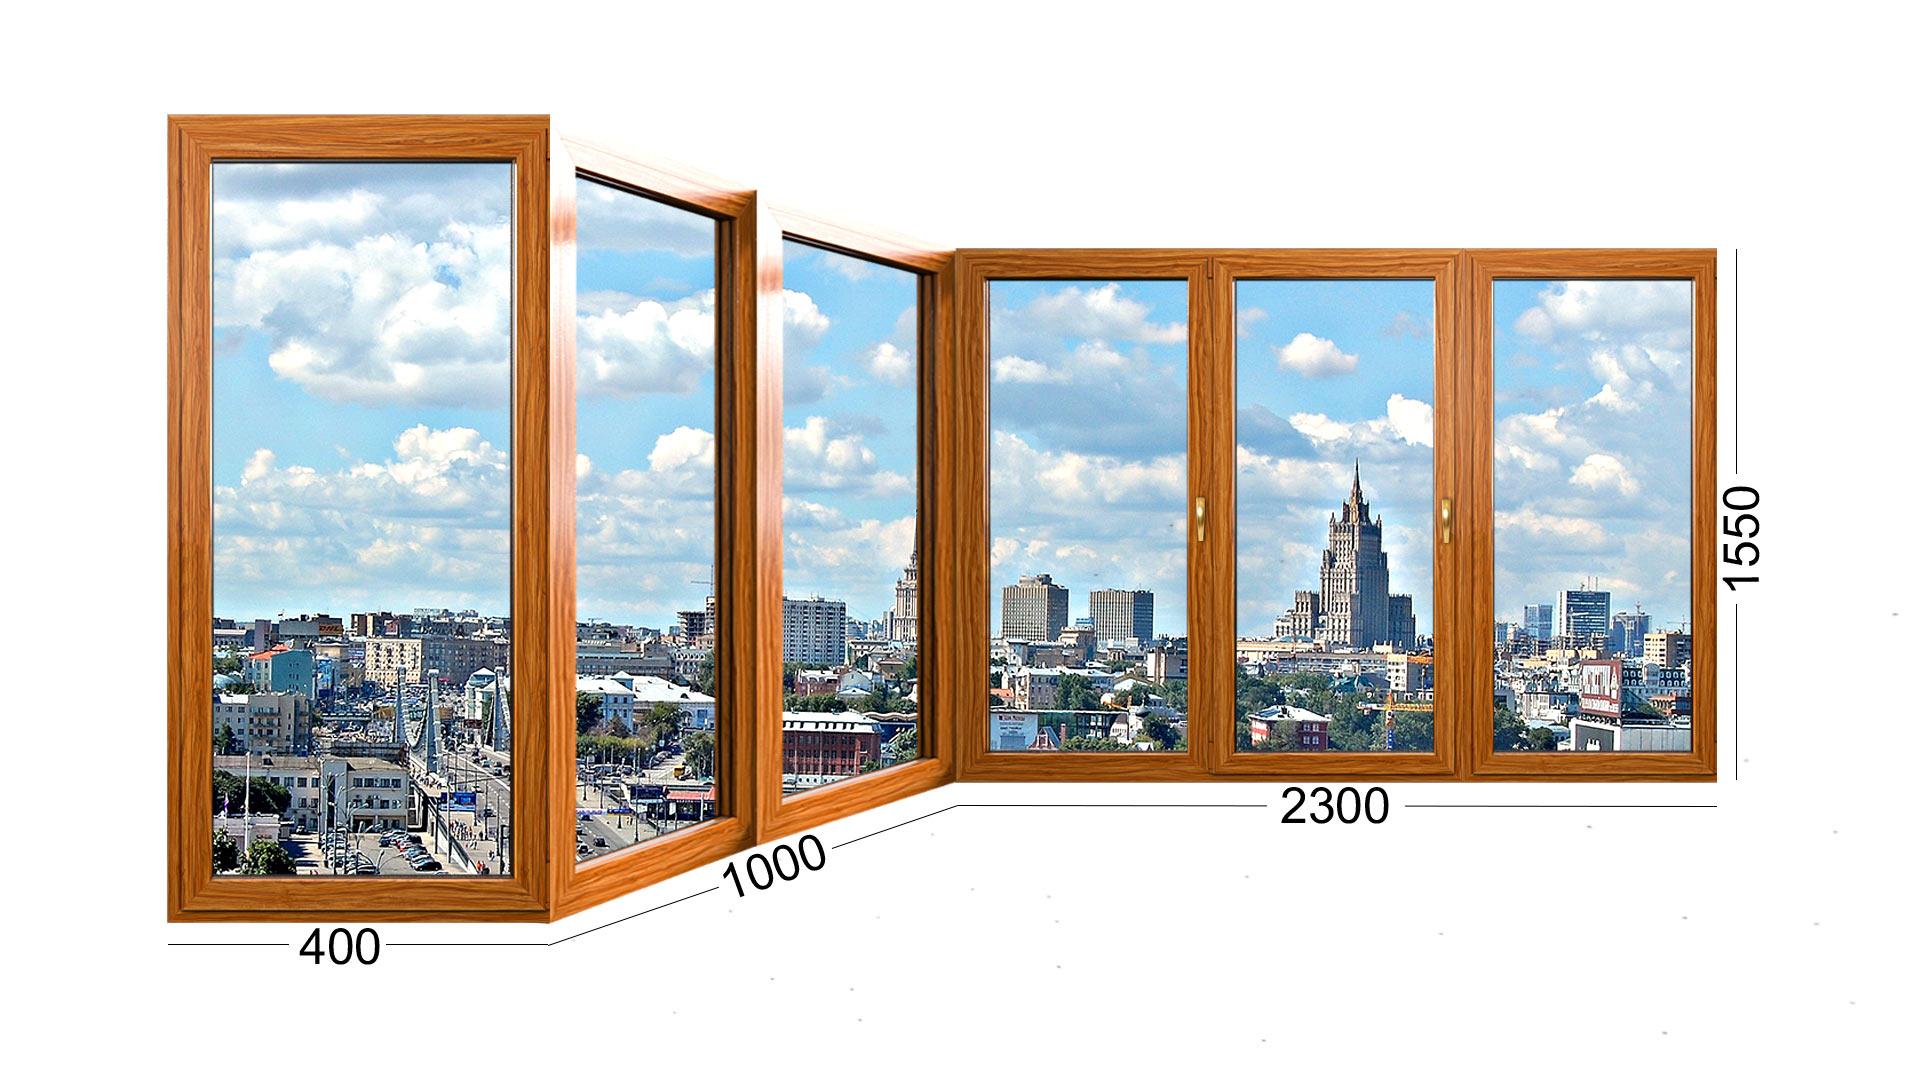 Балкон типа каблук в доме серии П 44Т, остекление деревянными окнами. Конструкция оконного проема и рамы